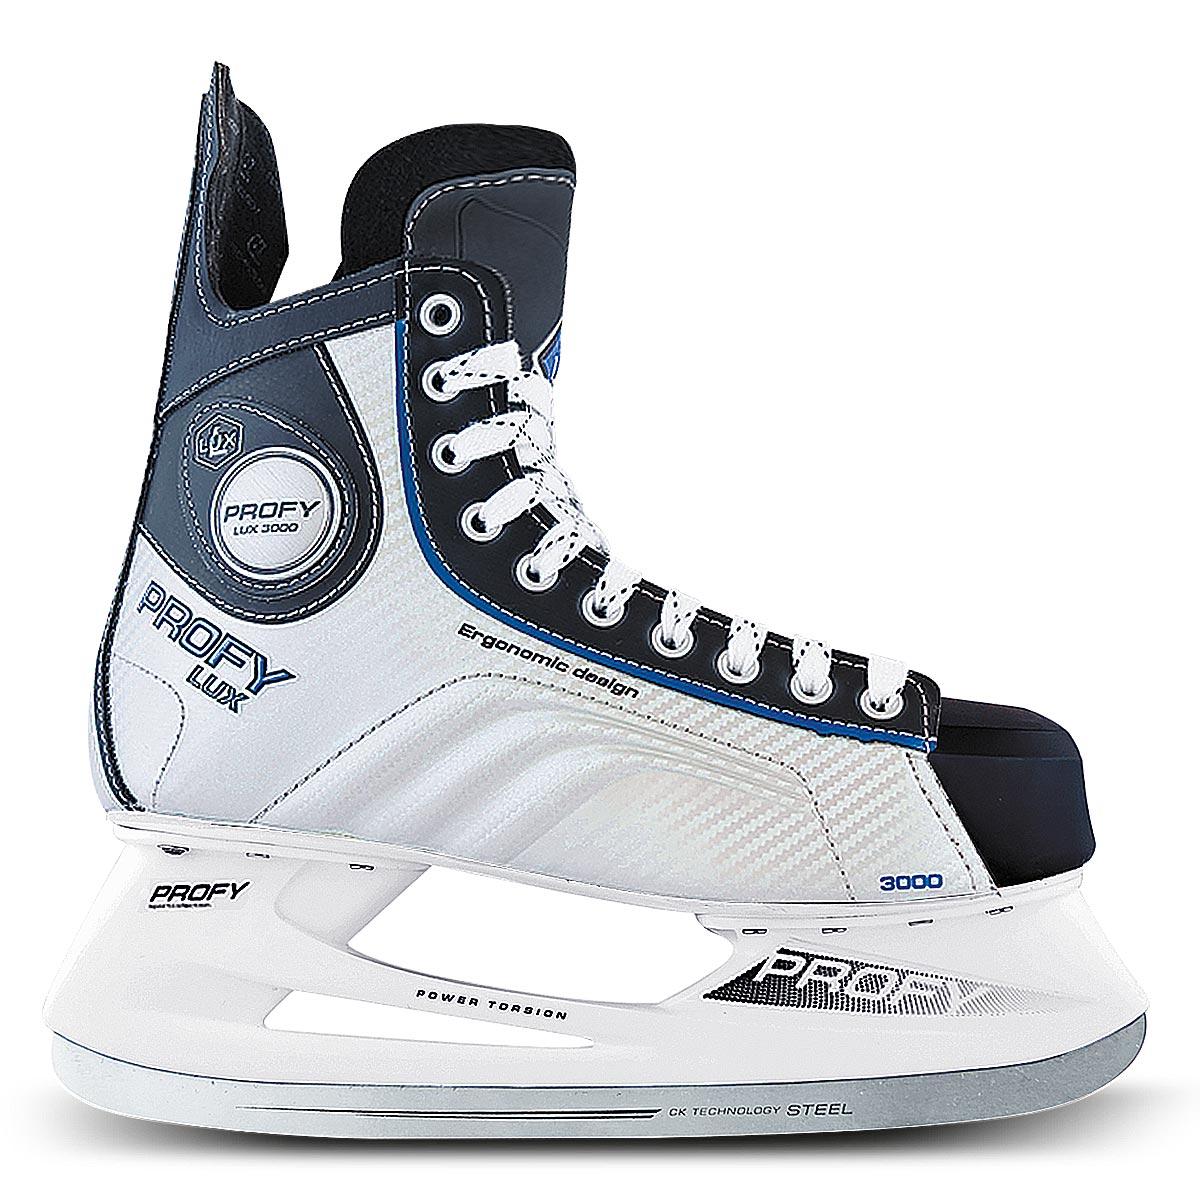 Коньки хоккейные мужские СК Profy Lux 3000, цвет: черный, серебряный, синий. Размер 40 PROFY LUX 3000 Blue_40